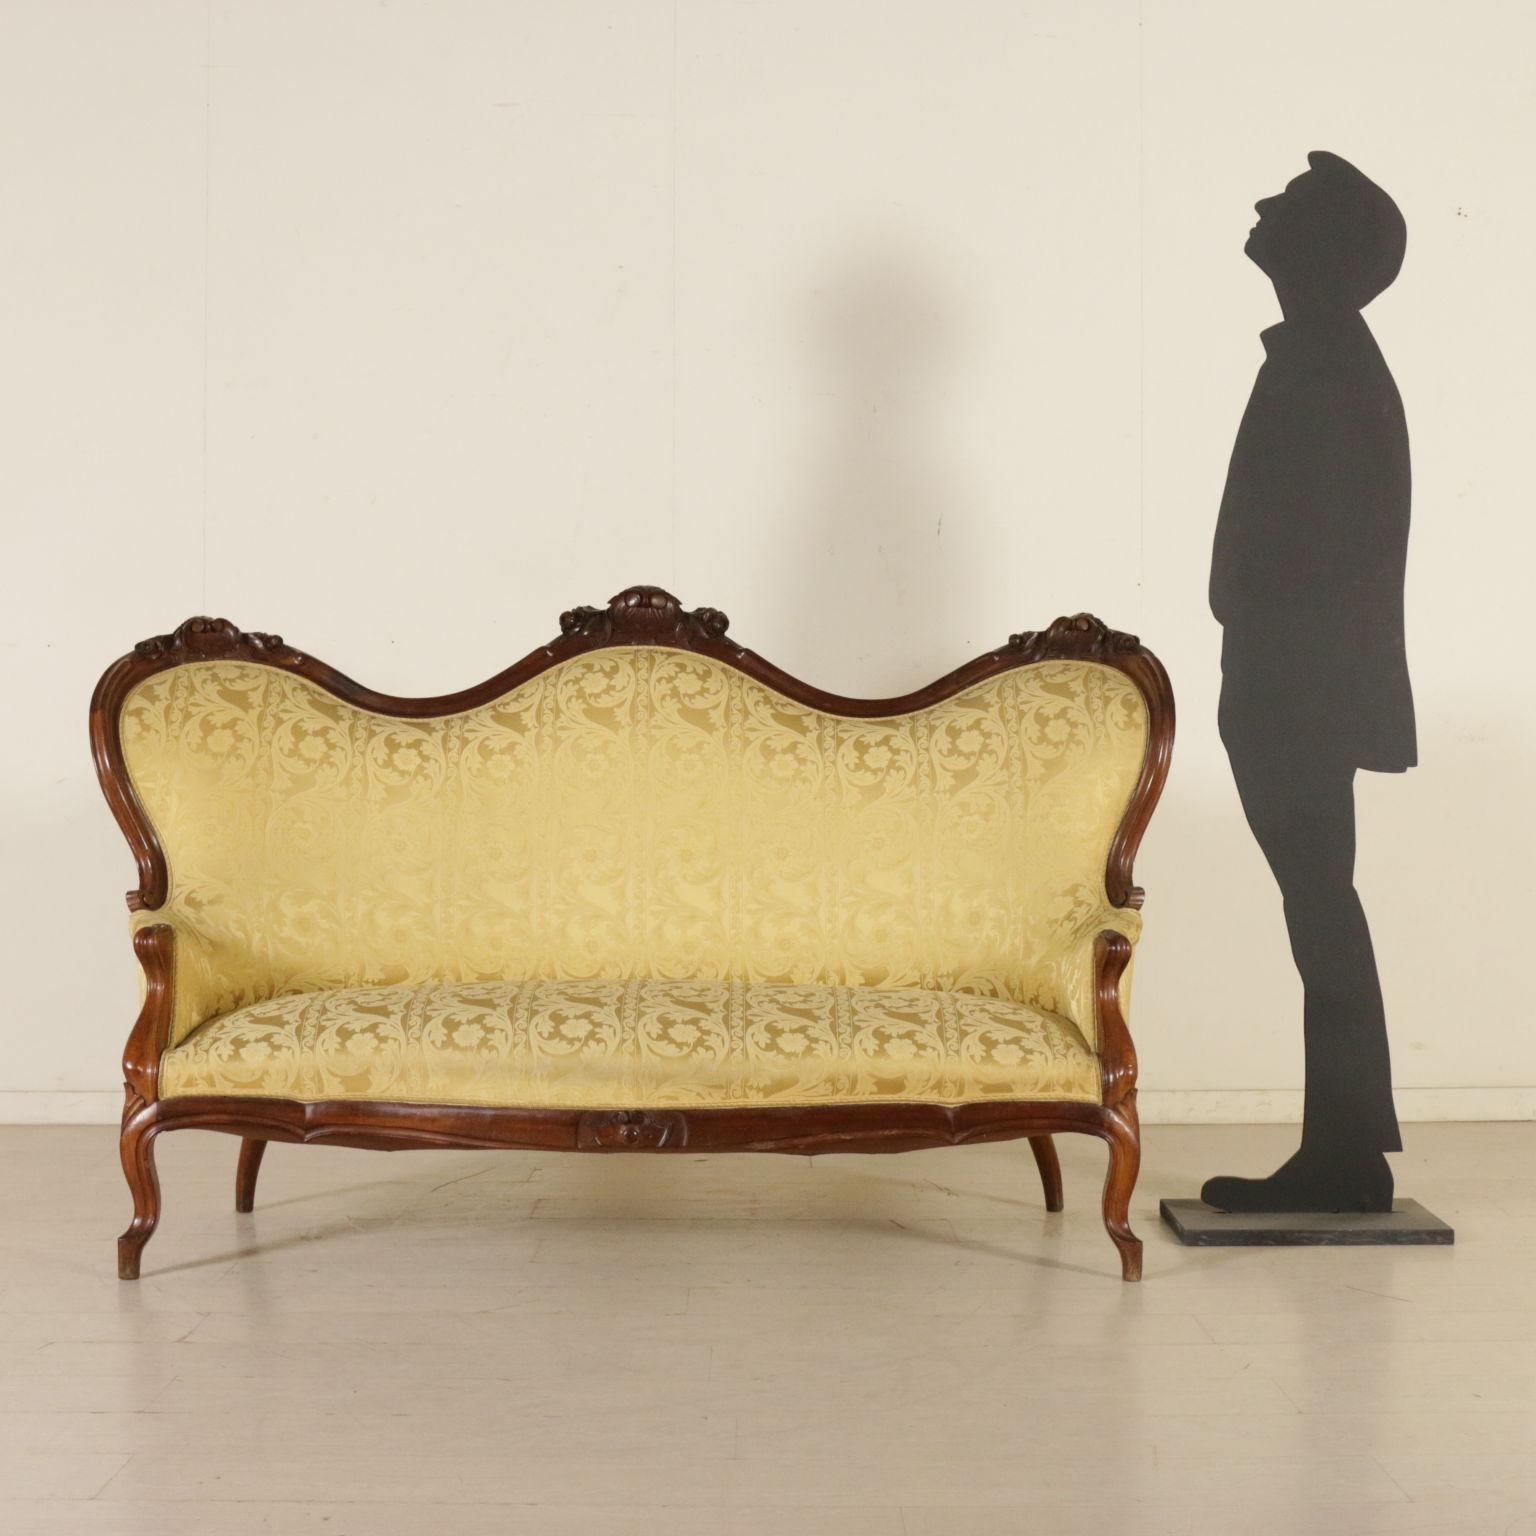 Divano luigi filippo sedie poltrone divani antiquariato - Divano luigi filippo ...